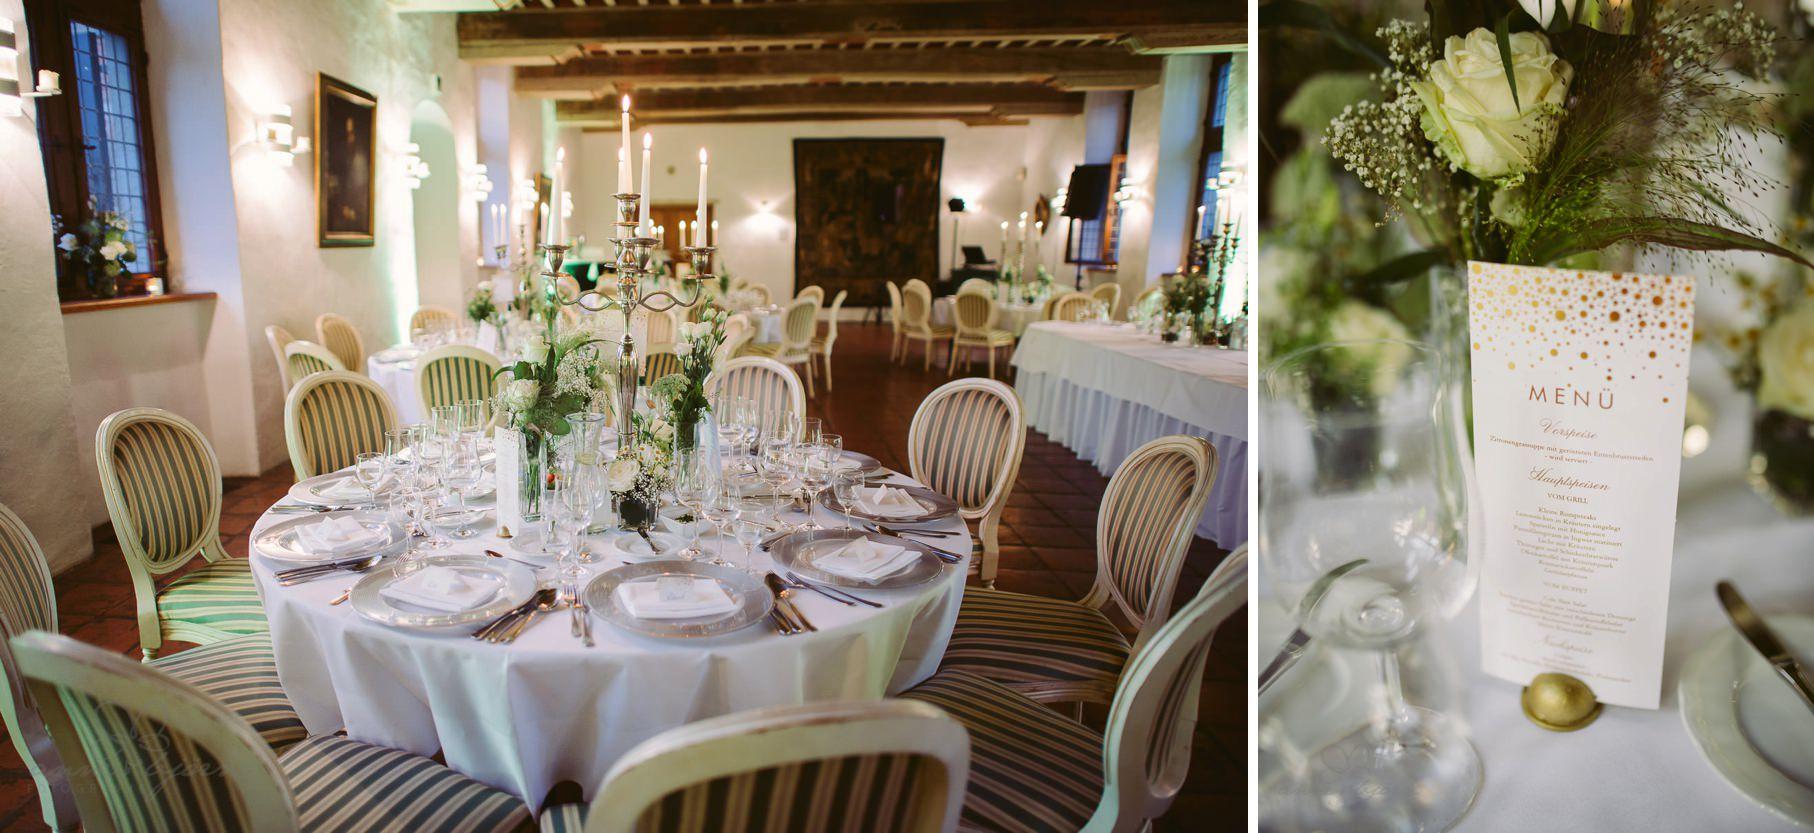 0056 euo 812 1706 - Hochzeit im Schloss Reinbek - Elvira & Olaf